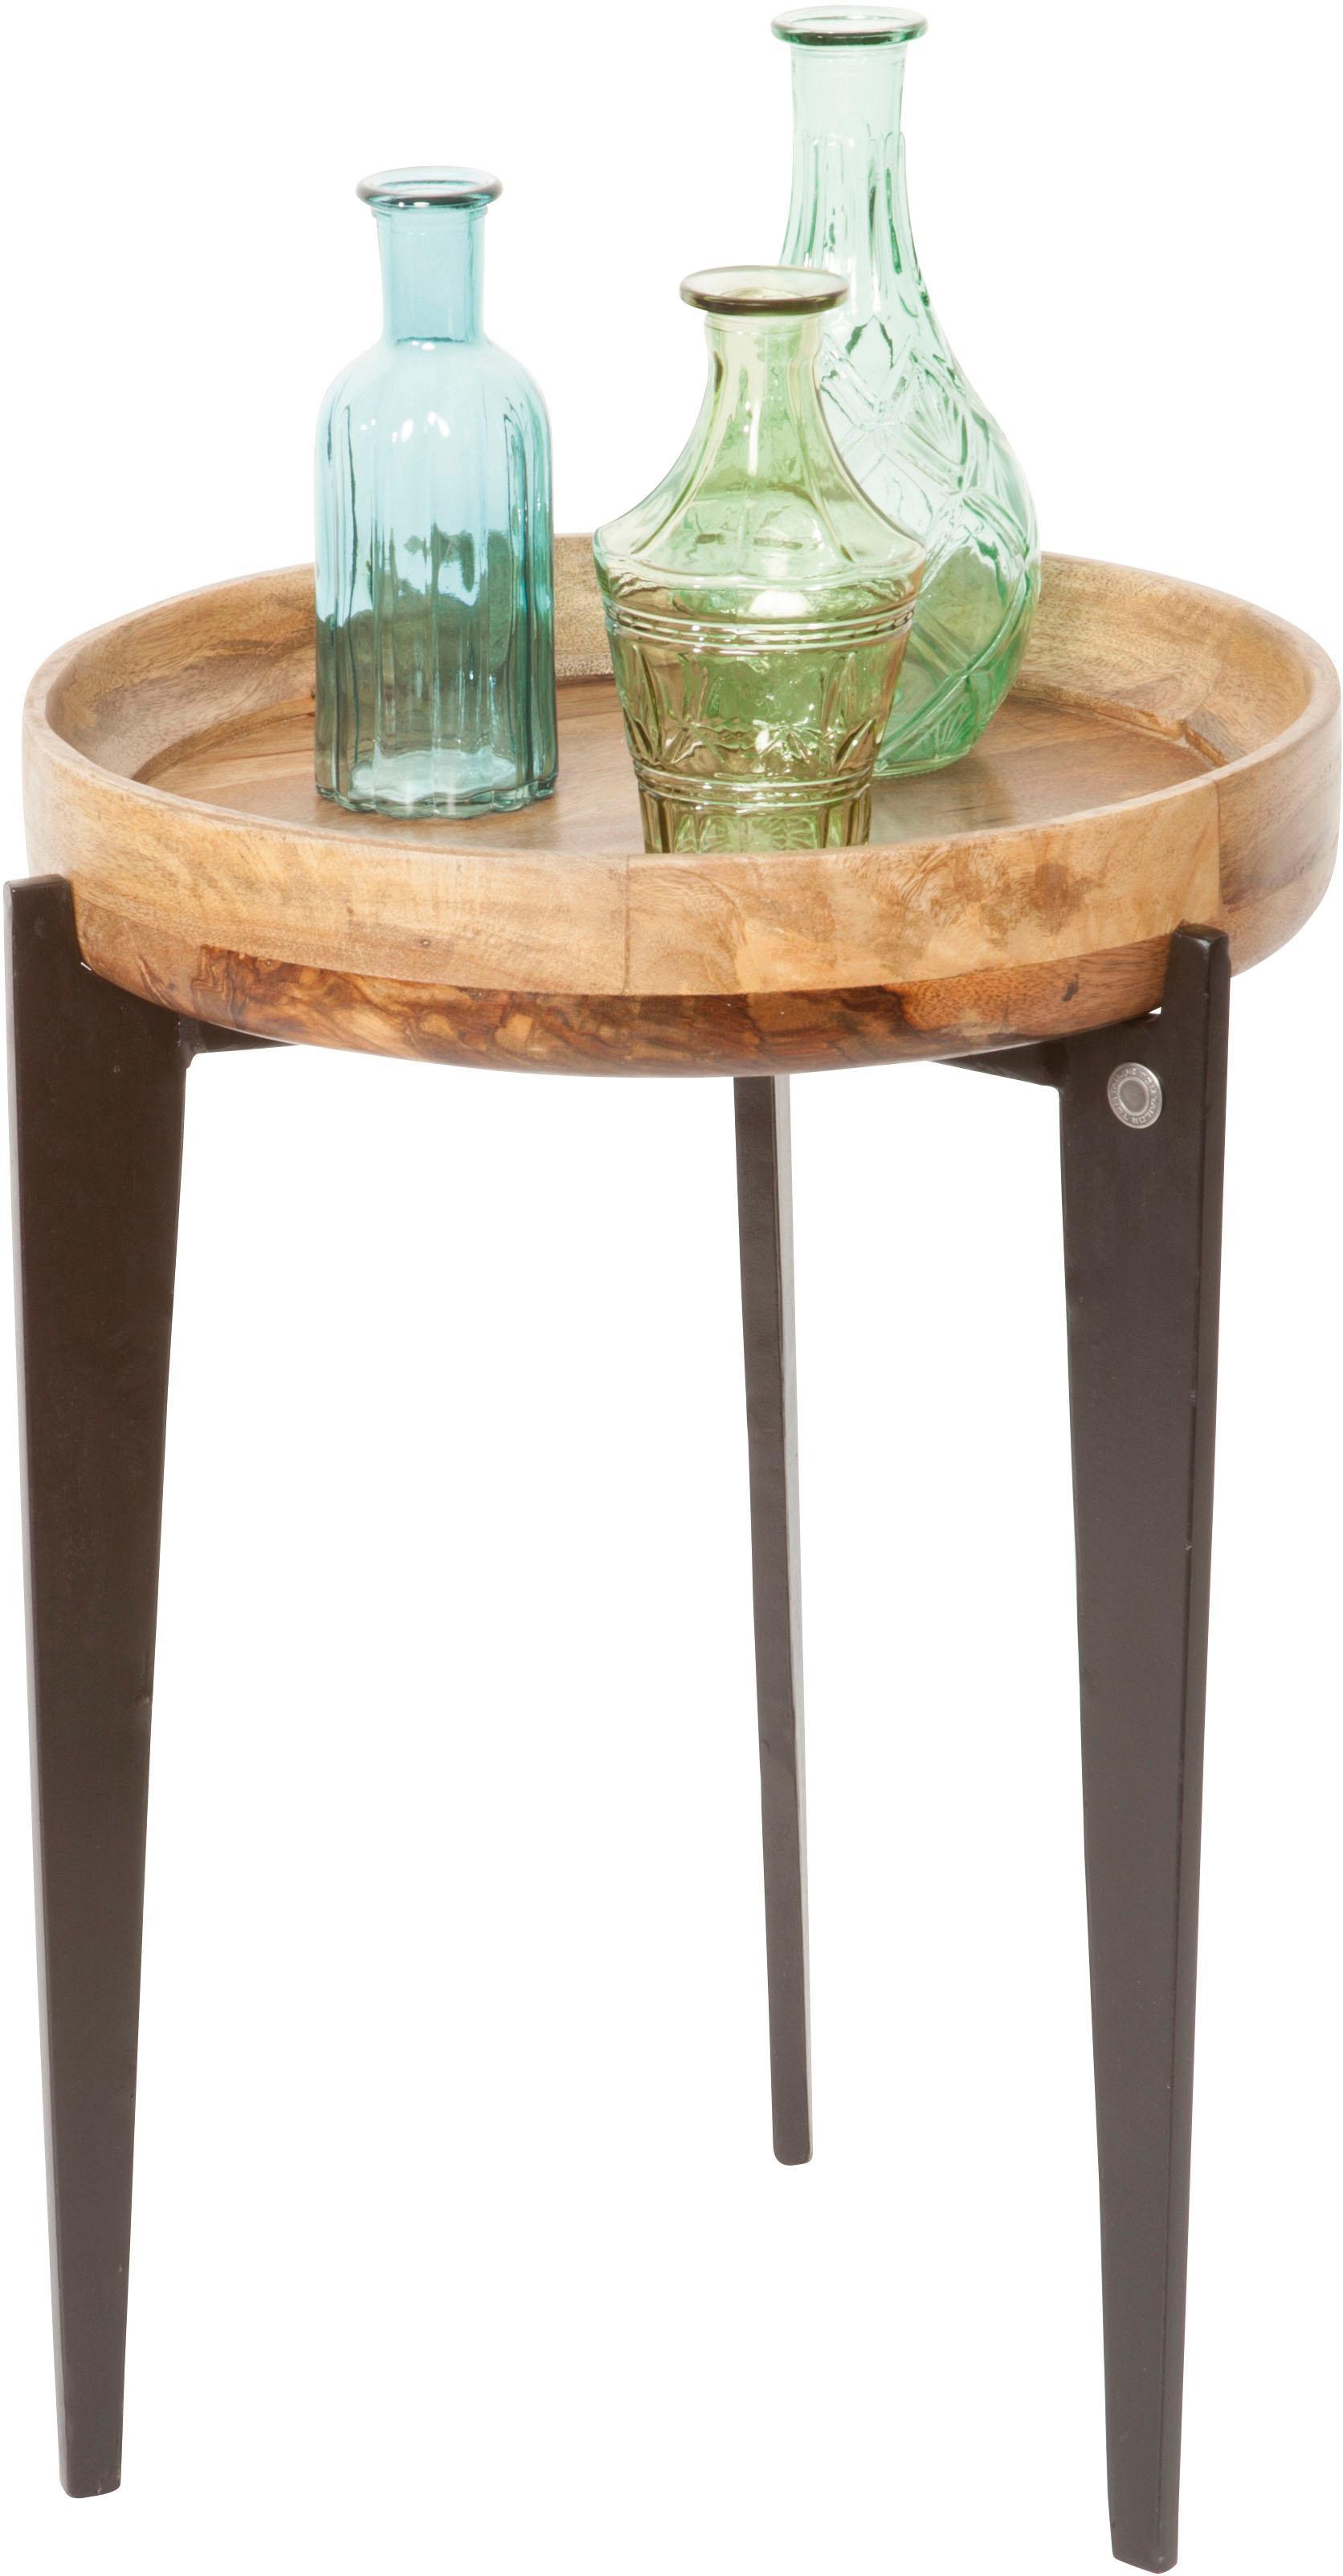 TOM TAILOR Beistelltisch T-TRAY TABLE HIGH, mit Tablett, rund, ø 40 cm orange Beistelltische Tische